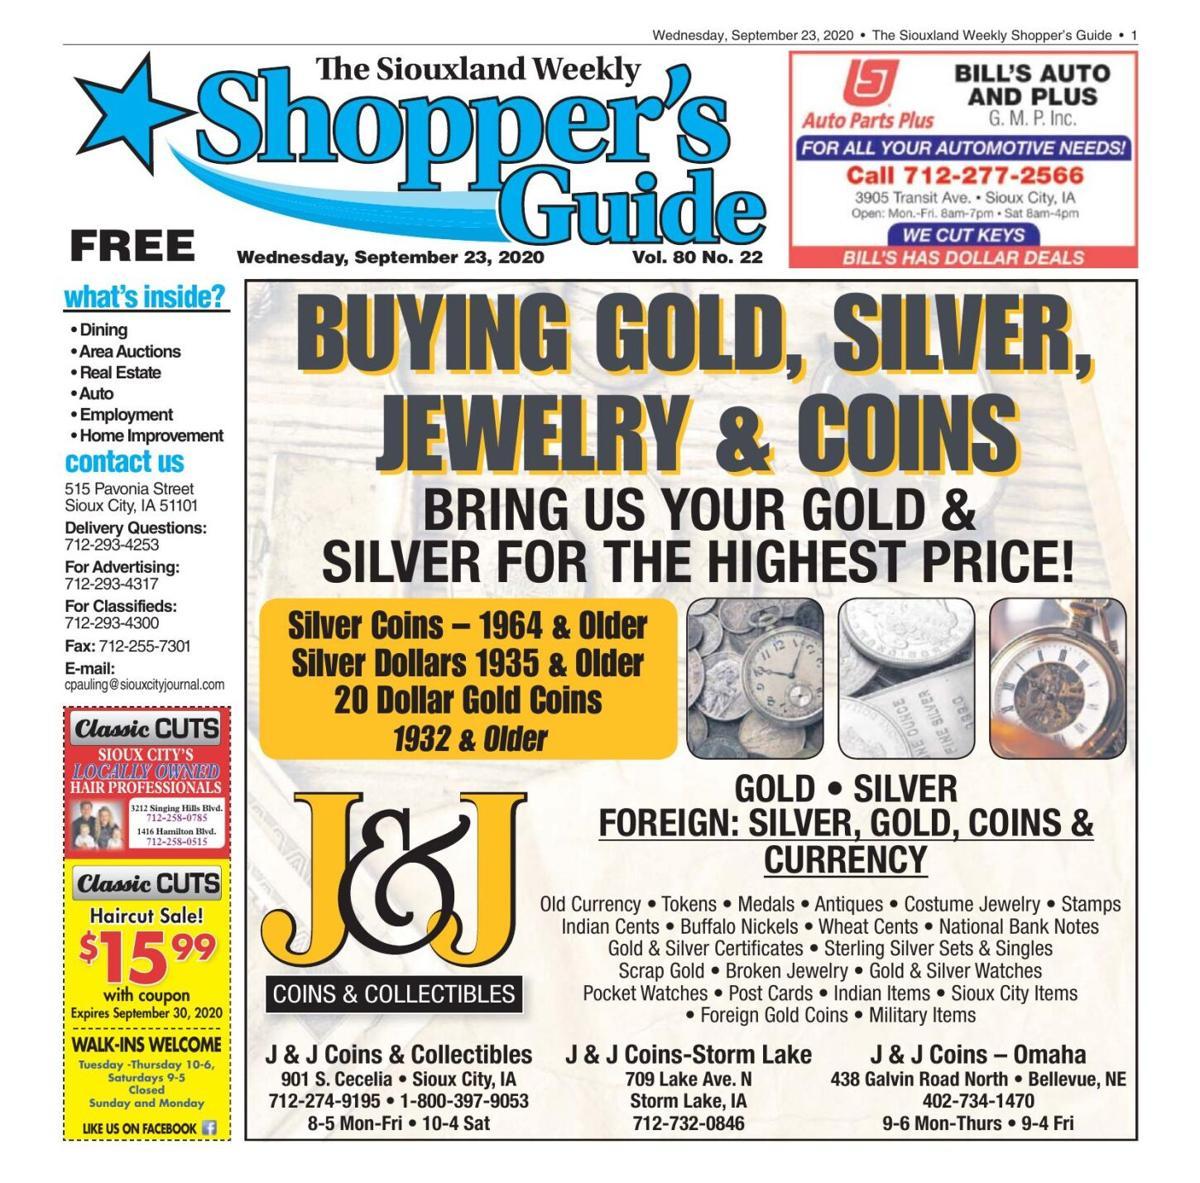 Shopper's Guide - September 23, 2020